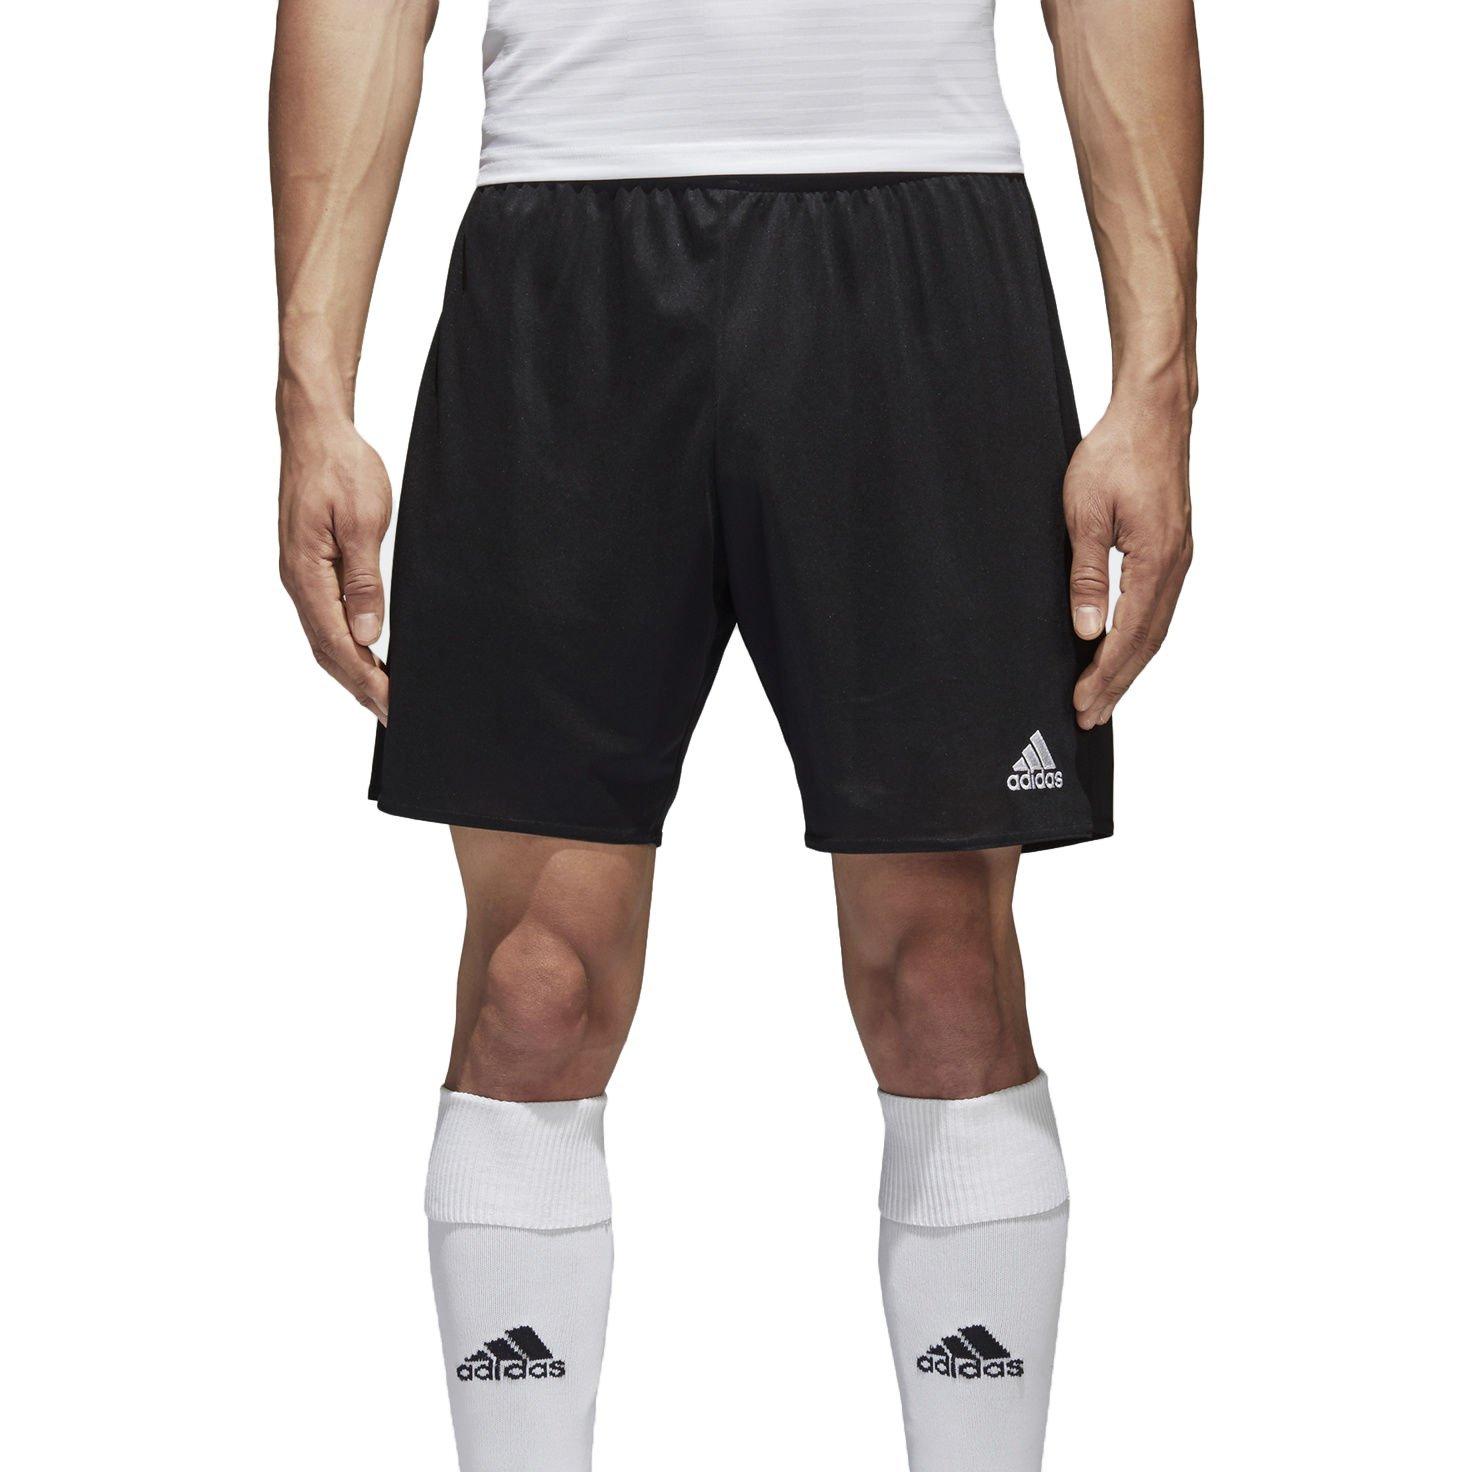 adidas Parma 16 SHO – Pantalón Corto para Hombre